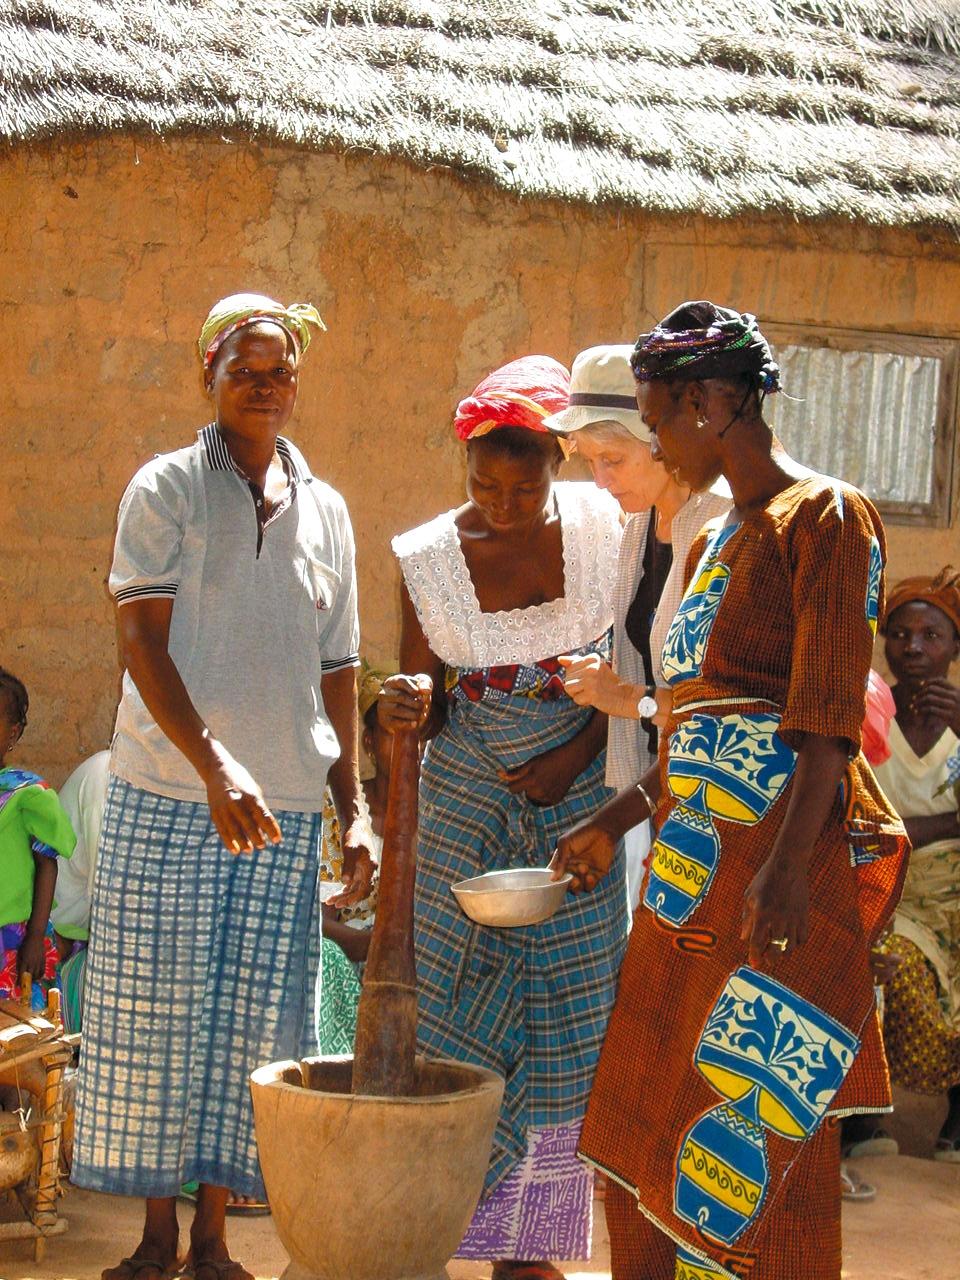 Burkina Faso, shea butter project - shea butter production_Press2142.jpg